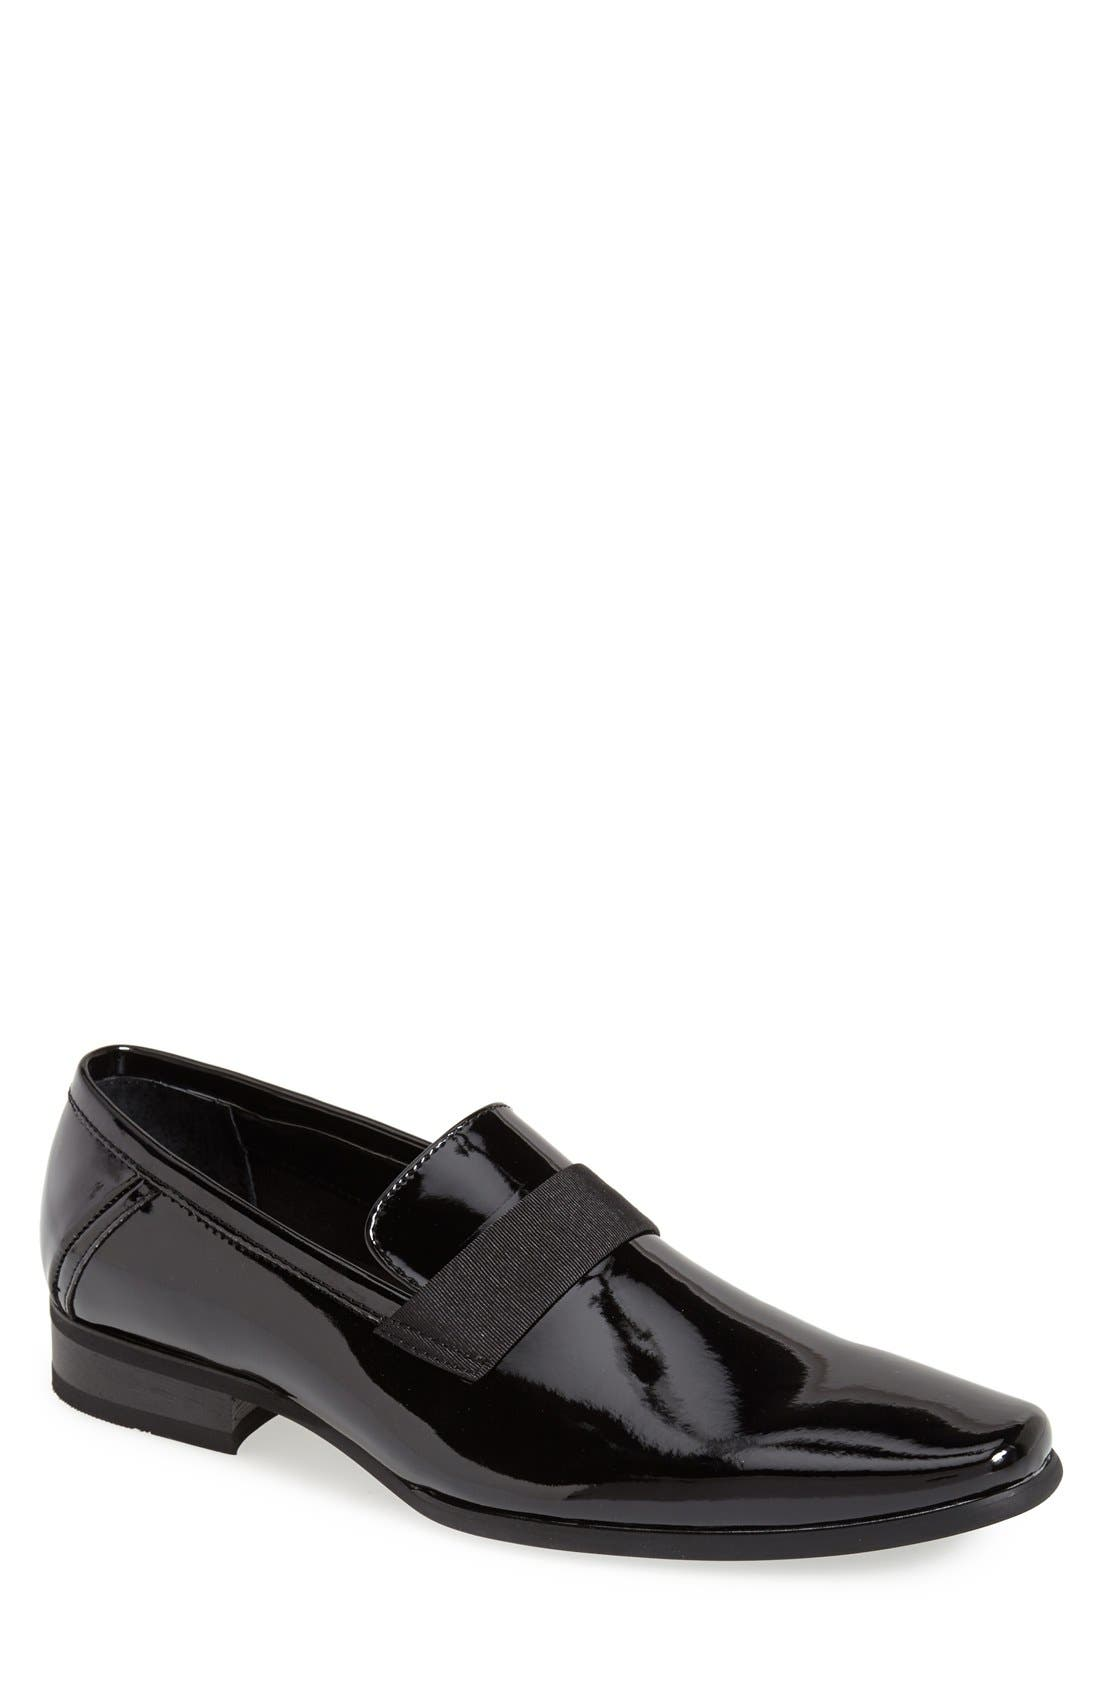 Alternate Image 1 Selected - Calvin Klein 'Bernard' Venetian Loafer (Men)